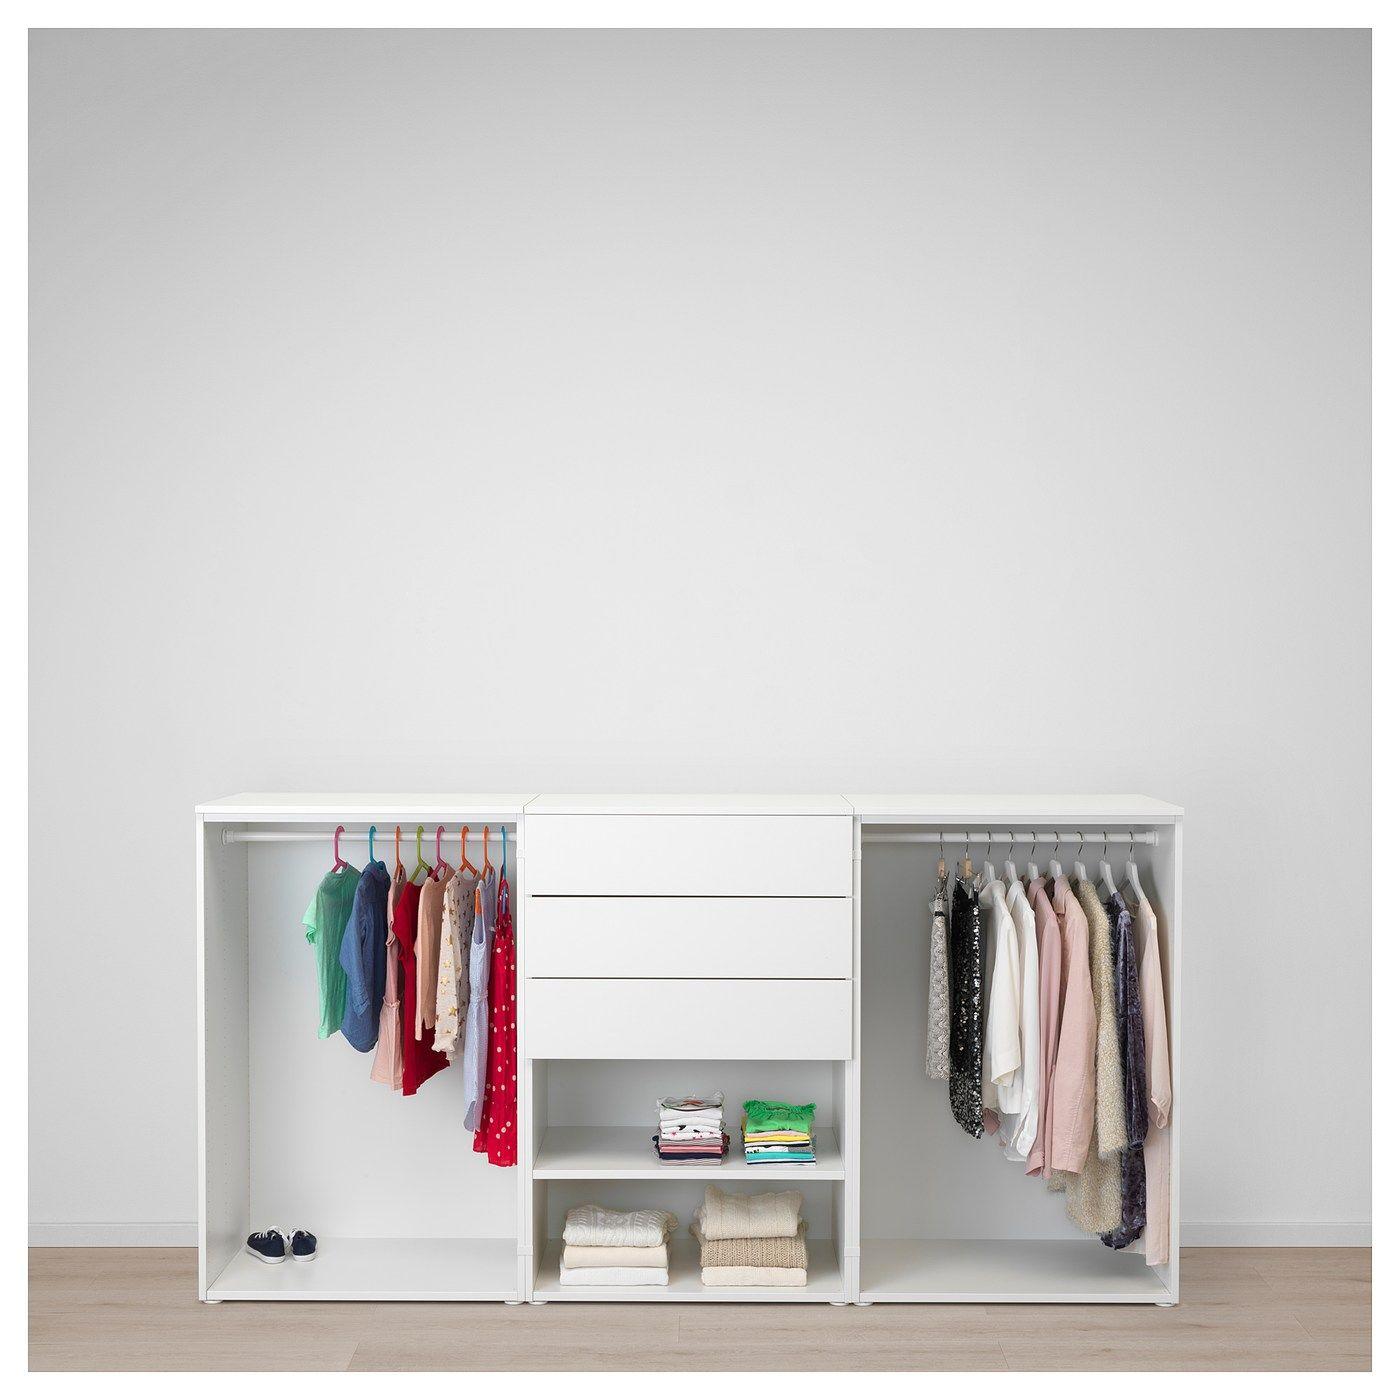 Platsa Kleiderschrank Weiß Fonnes Sannidal Mehr Erfahren Ikea Deutschland Kleiderschrank Kinderzimmer Ikea Kleiderschrank Kinderkleiderschrank